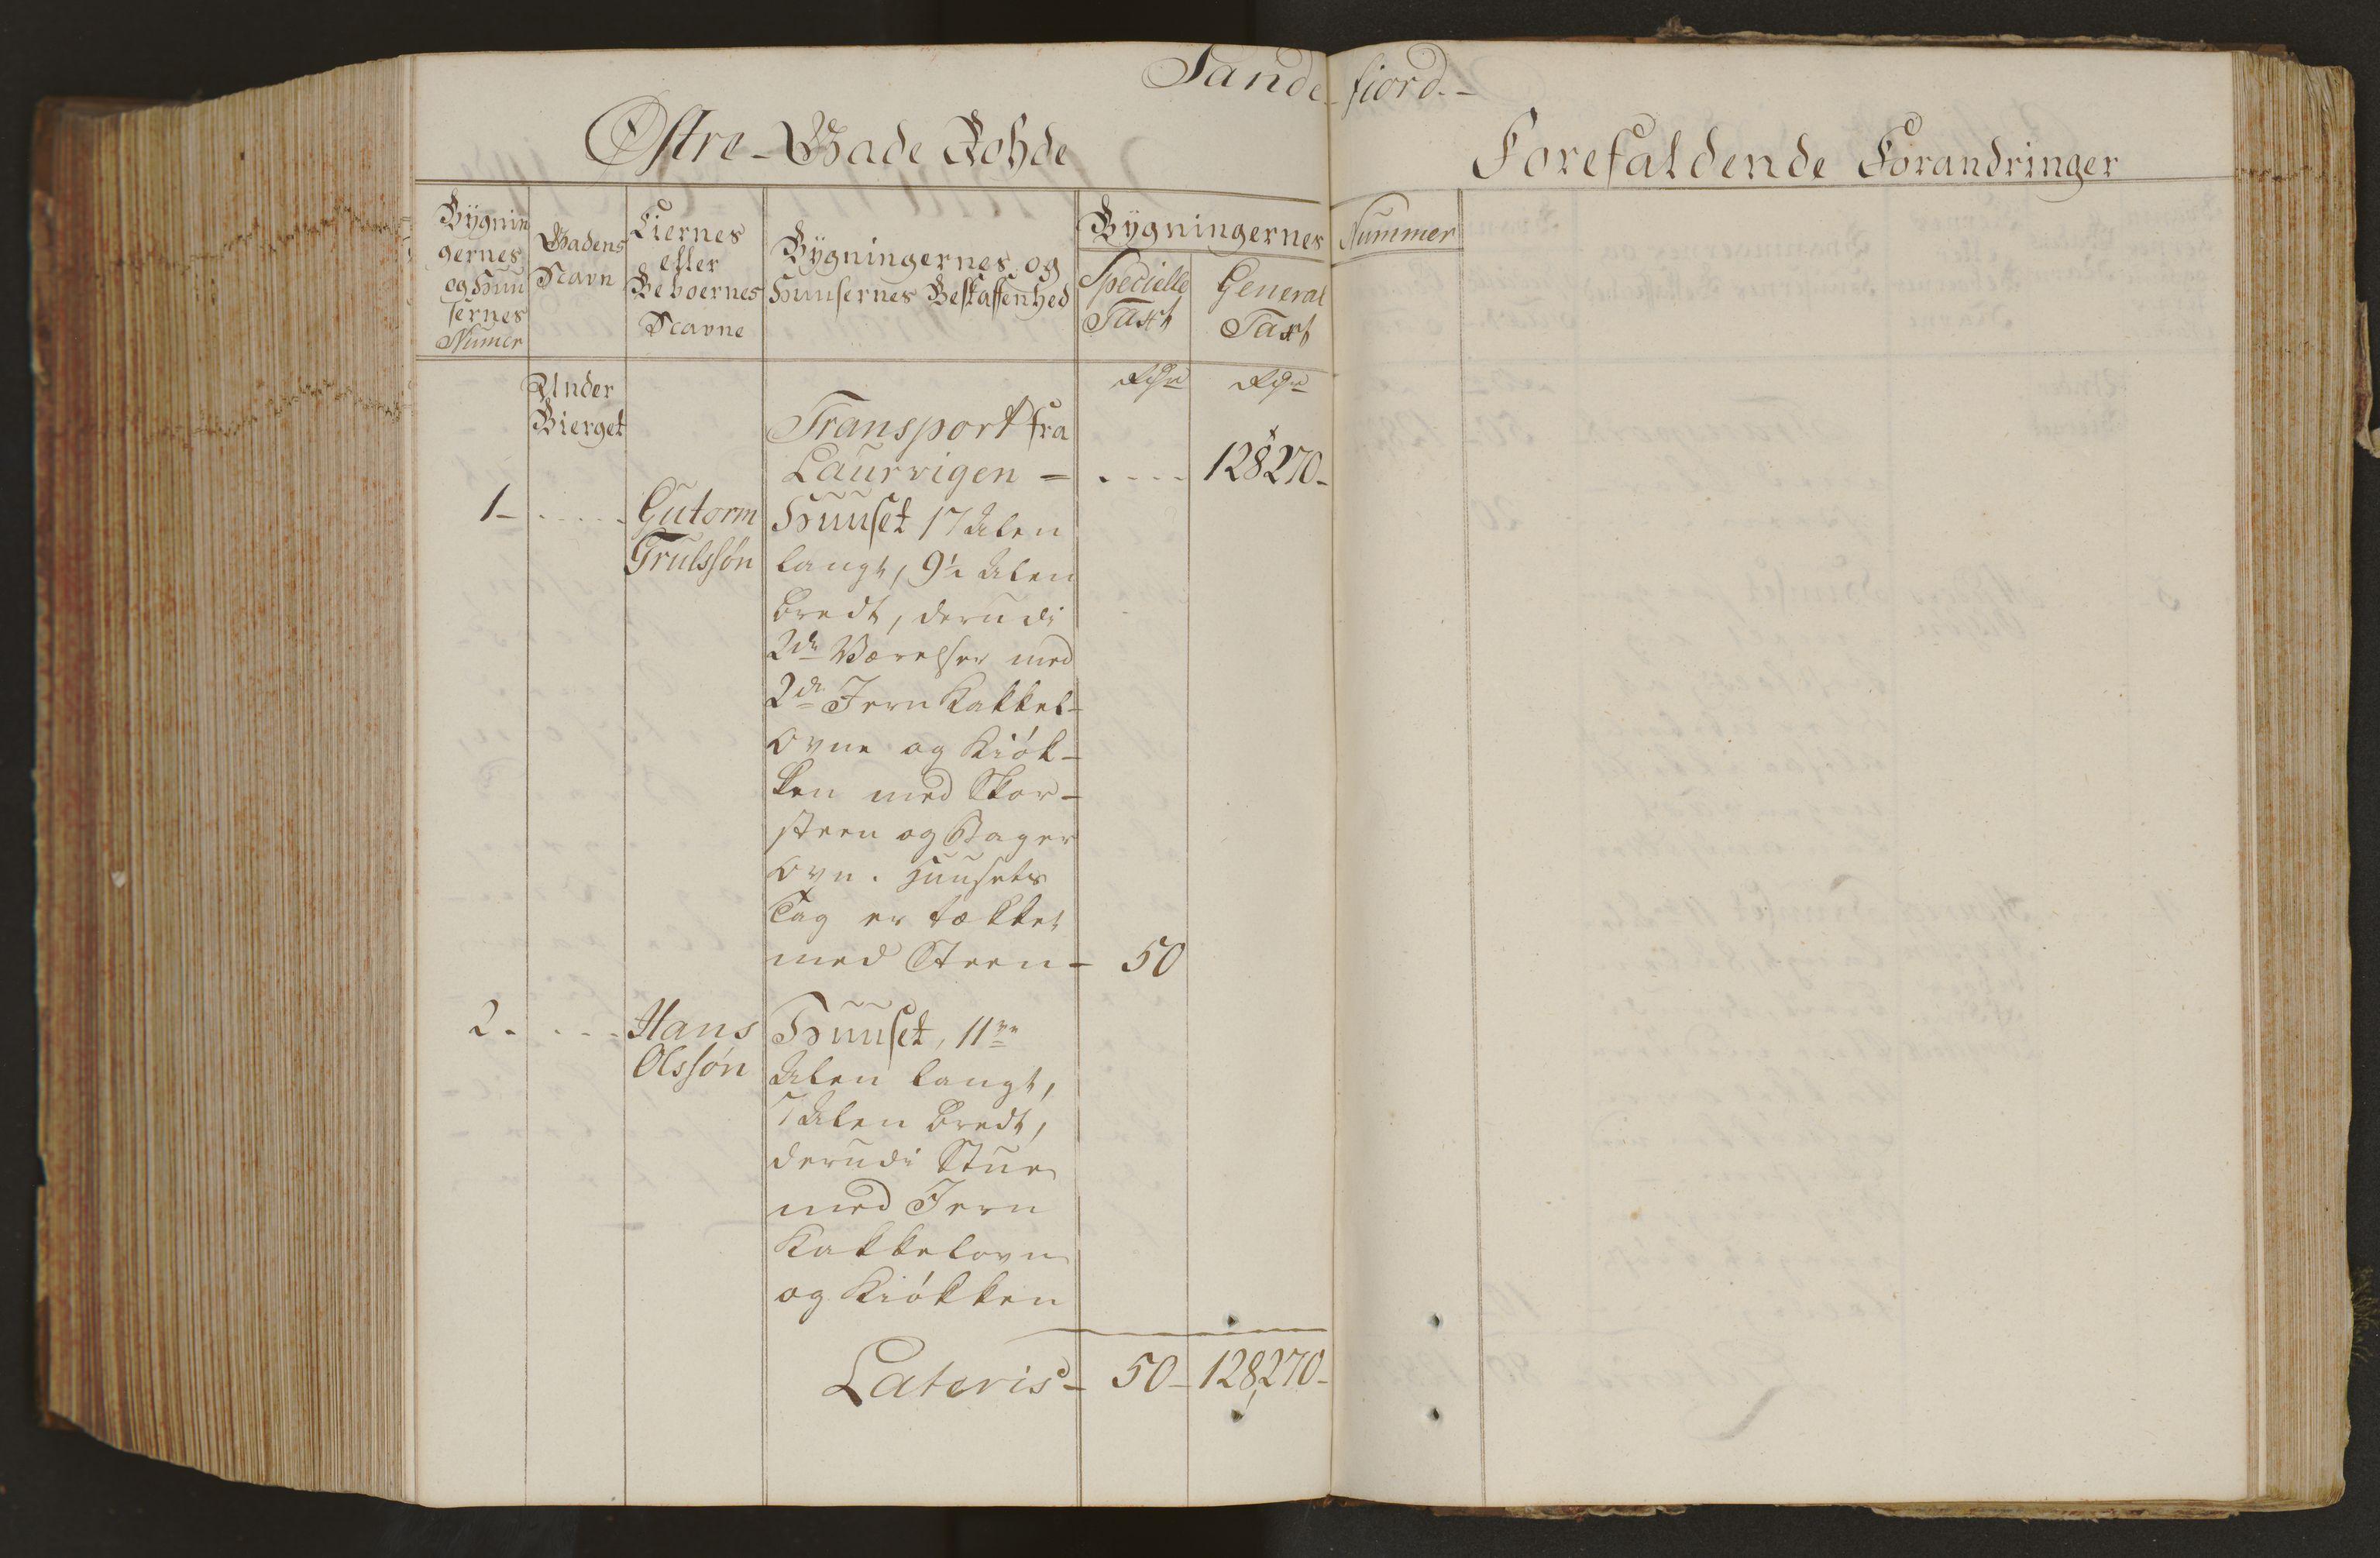 SAKO, Larvik magistrat, F/Fj/L0002: Branntakstprotokoll, 1777